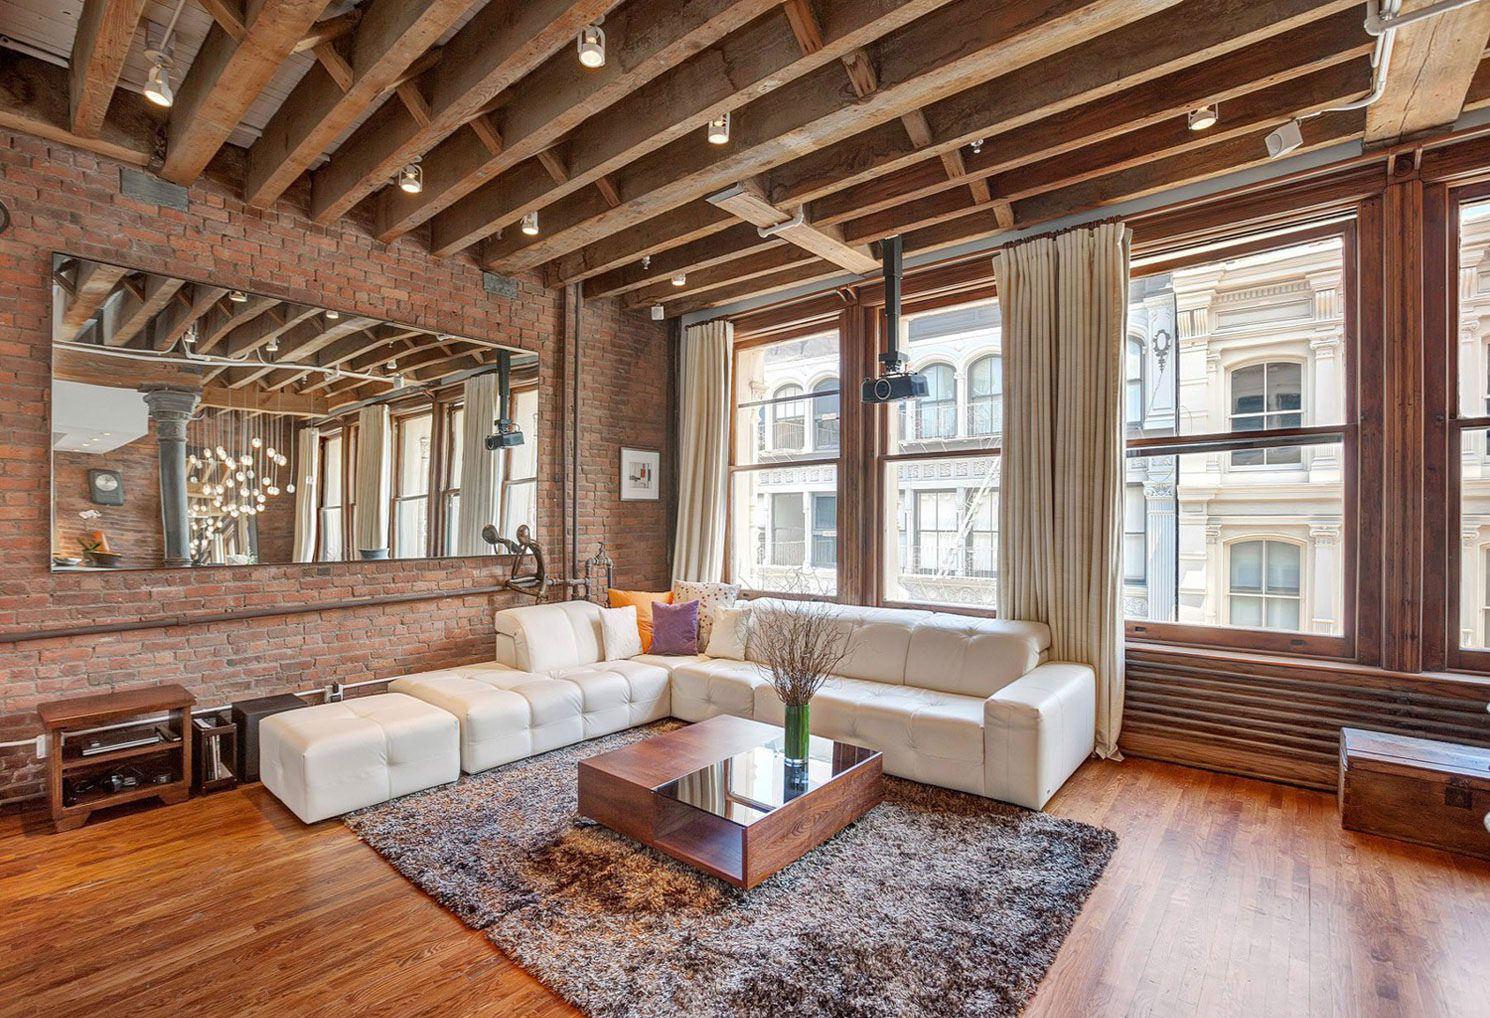 меня деревянный потолок в квартире фото фотографию сразу